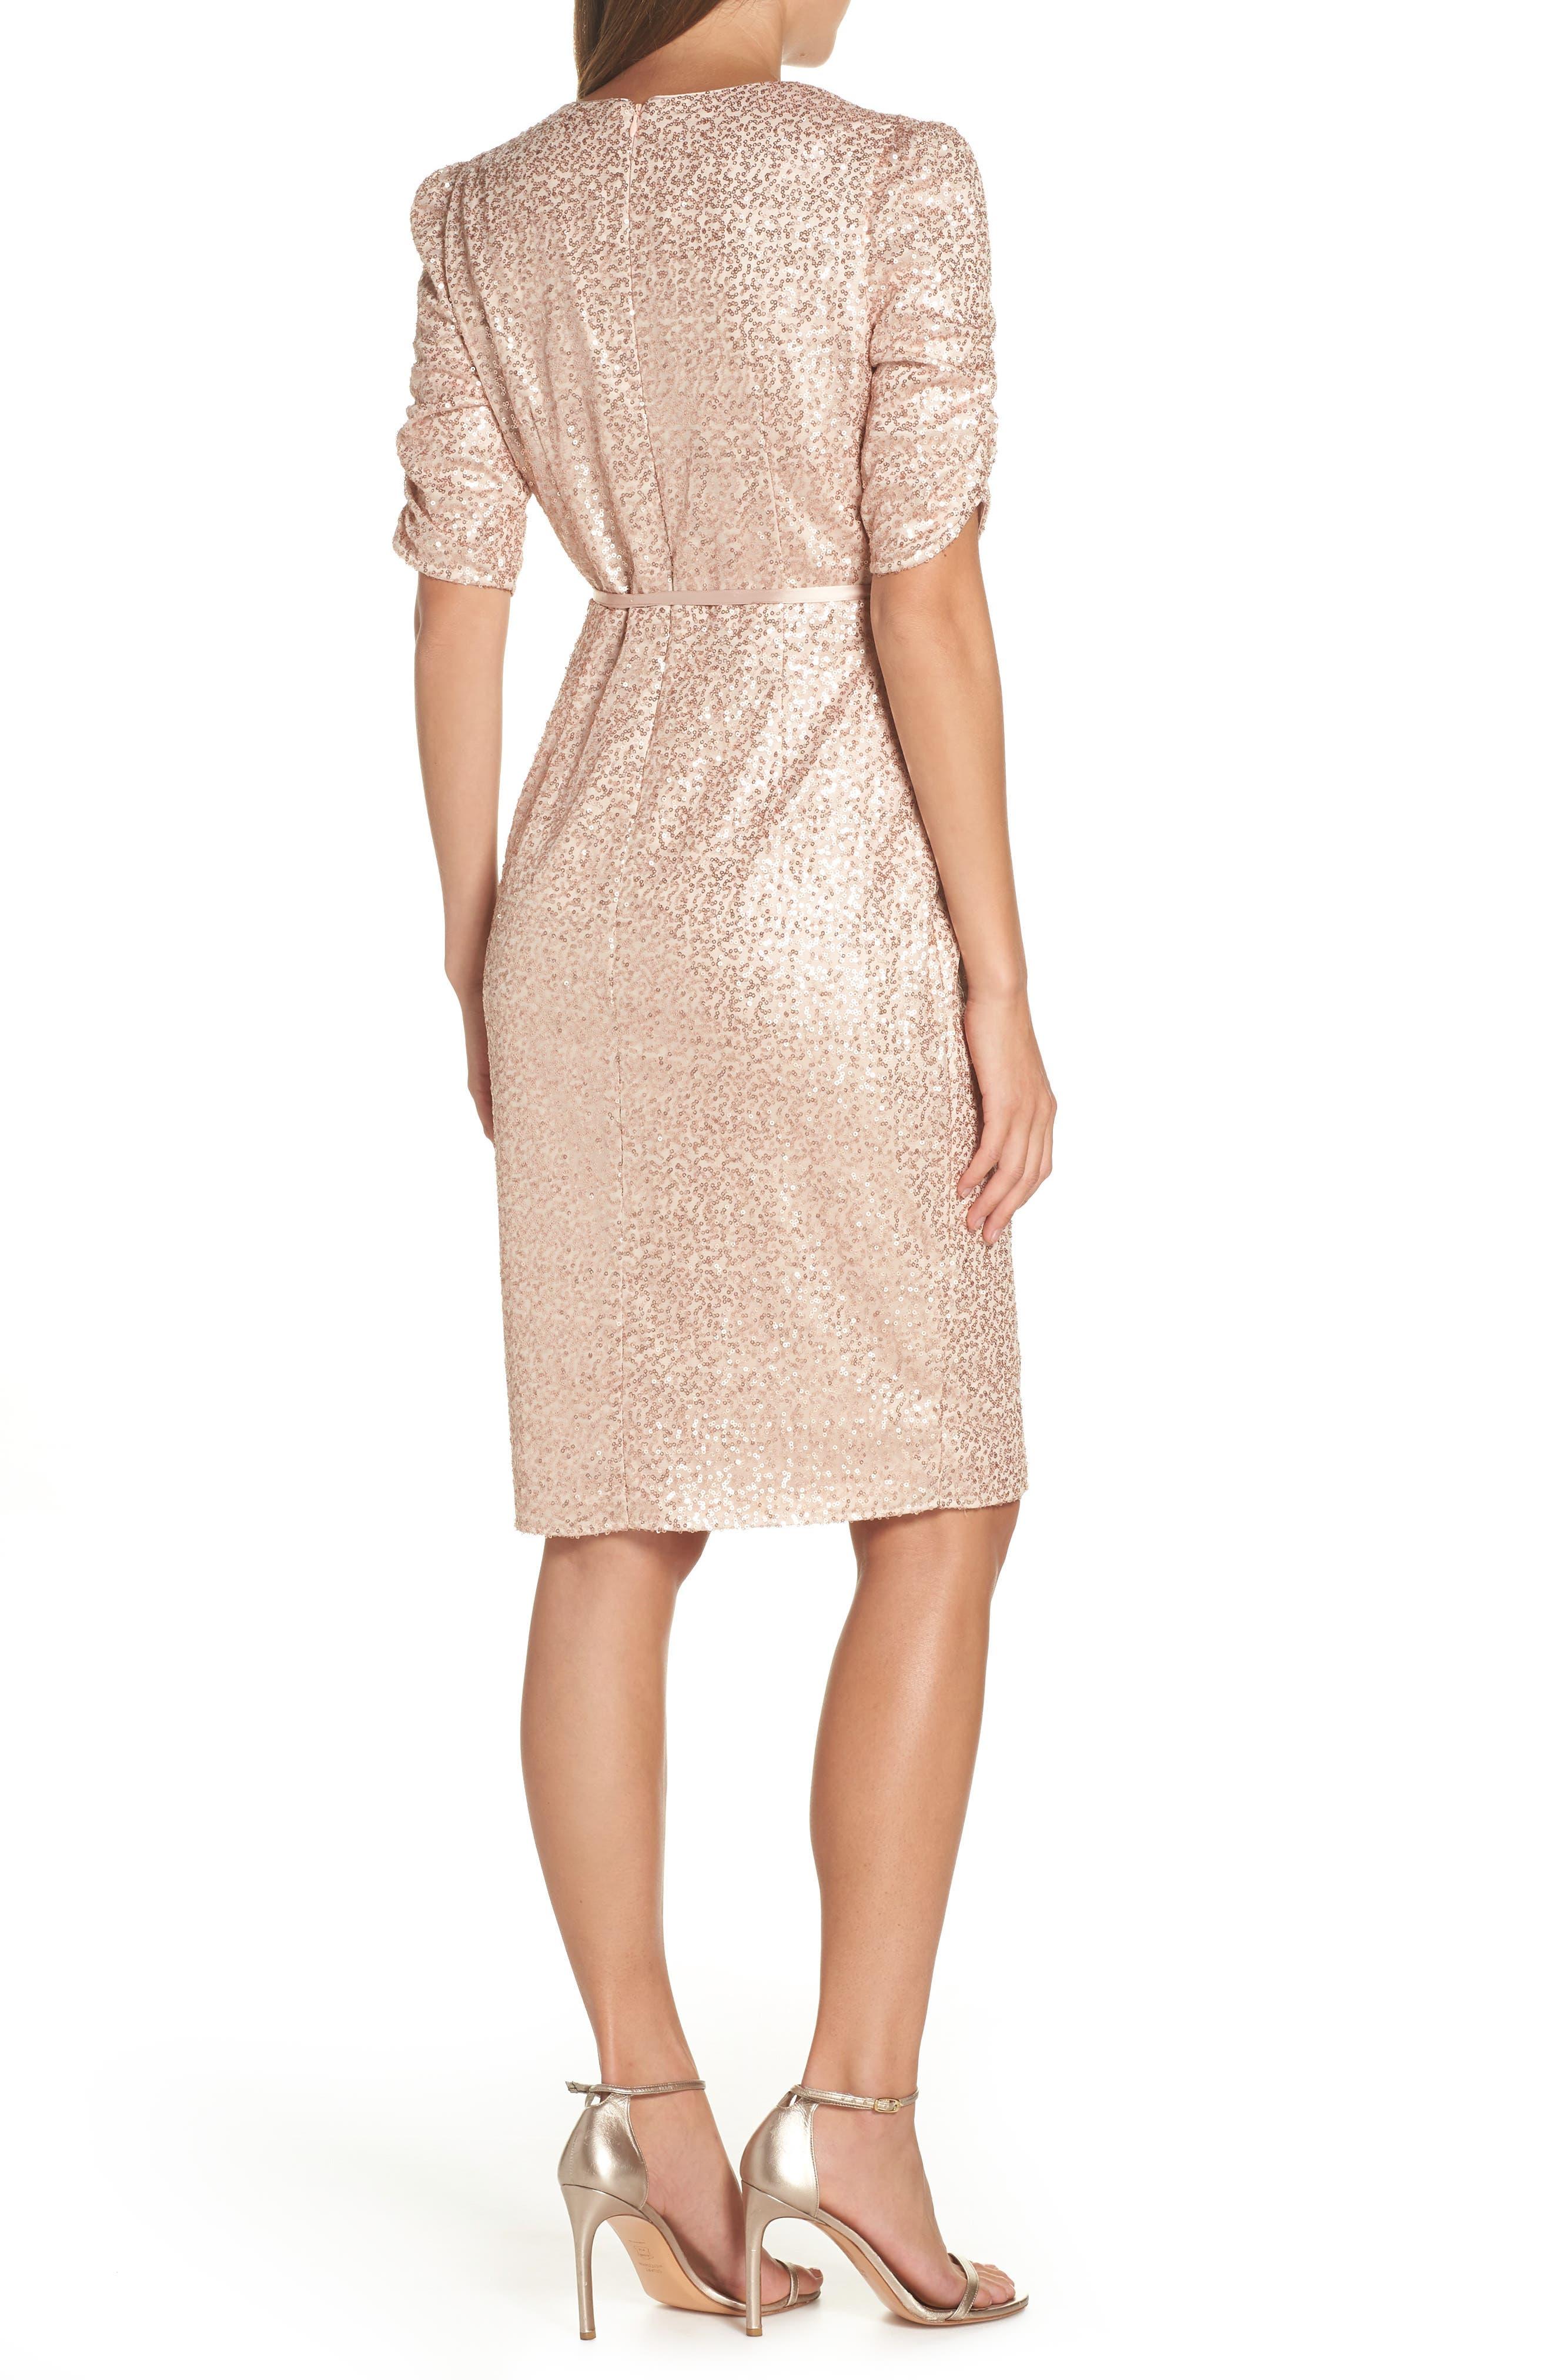 ELIZA J,                             Sequin Faux Wrap Dress,                             Alternate thumbnail 2, color,                             250